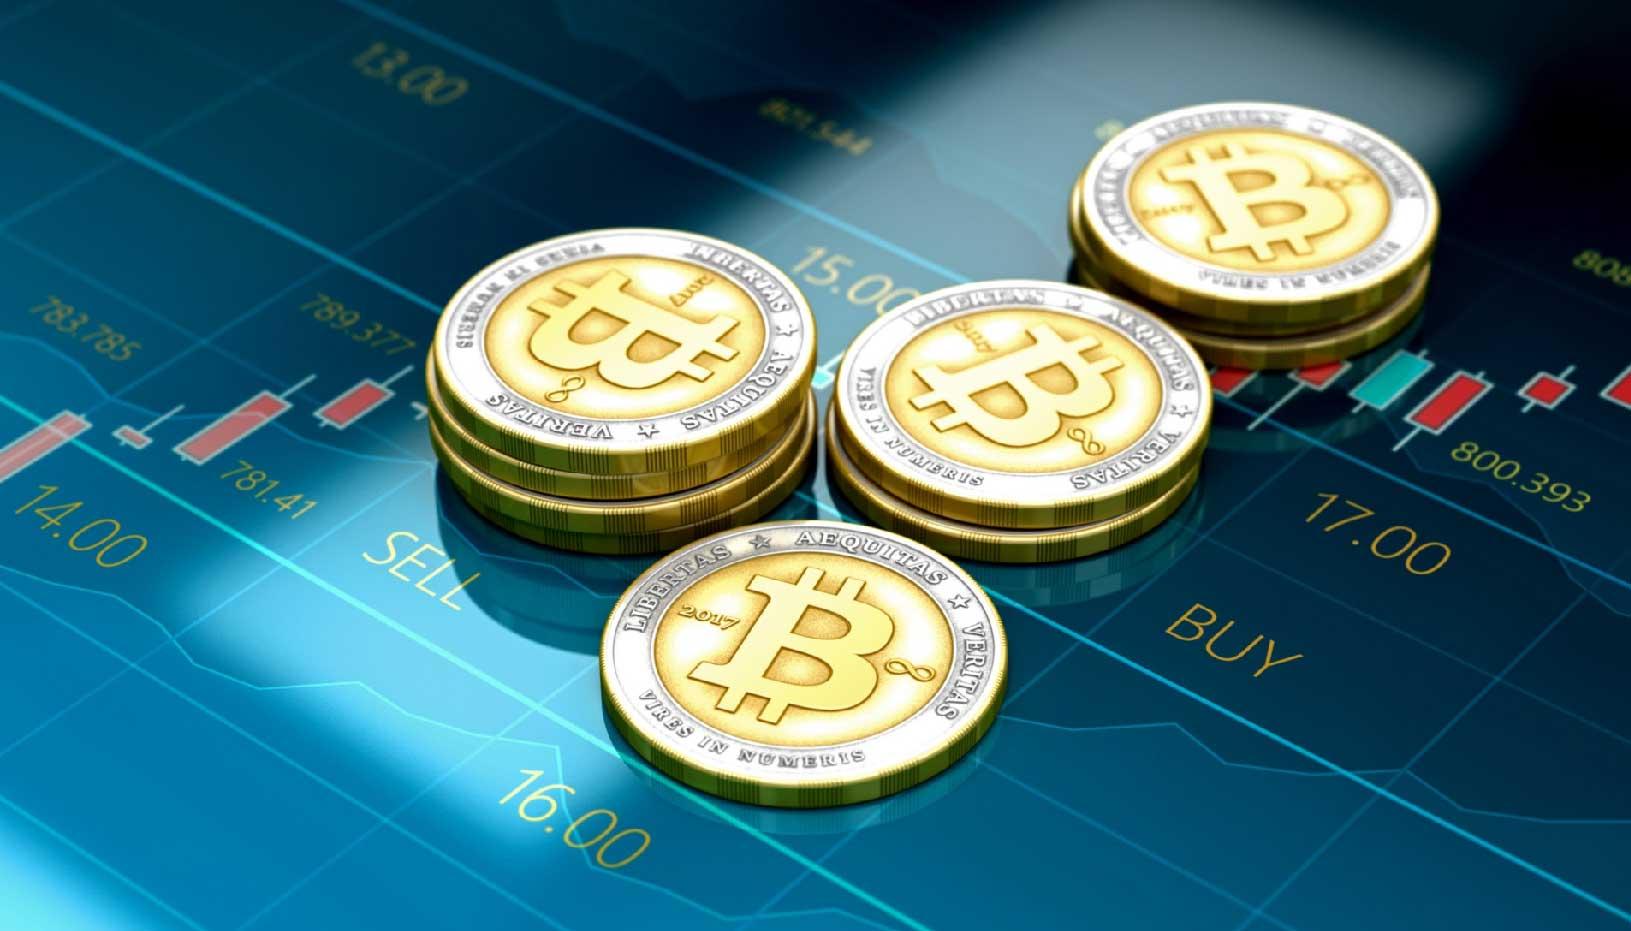 18 y 19 de Mayo Criptotaller para novatos Wallets y Monetización de Criptomonedas